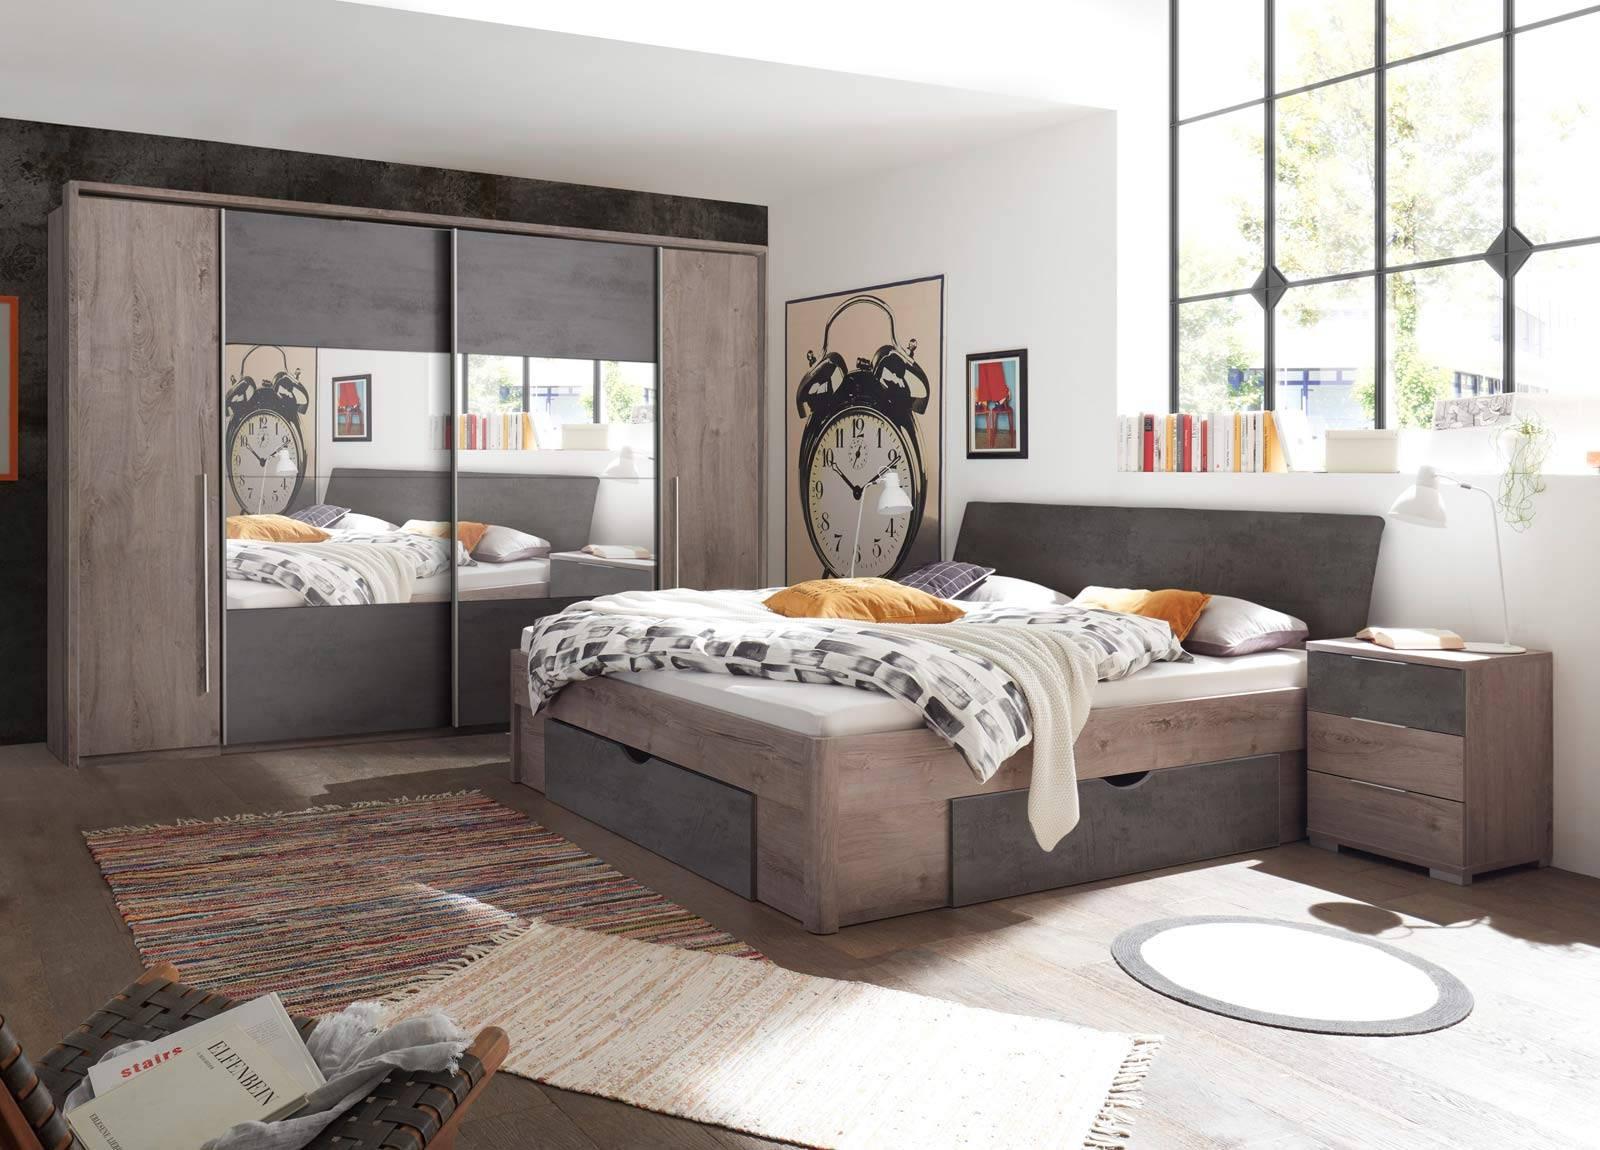 Full Size of Big Sofa Günstig Schlafzimmer Komplett Stuhl Loddenkemper Kommoden Wandleuchte Wandtattoo Kaufen Lampe Bett Sitzbank Günstige Schlafzimmer Komplett Schlafzimmer Günstig